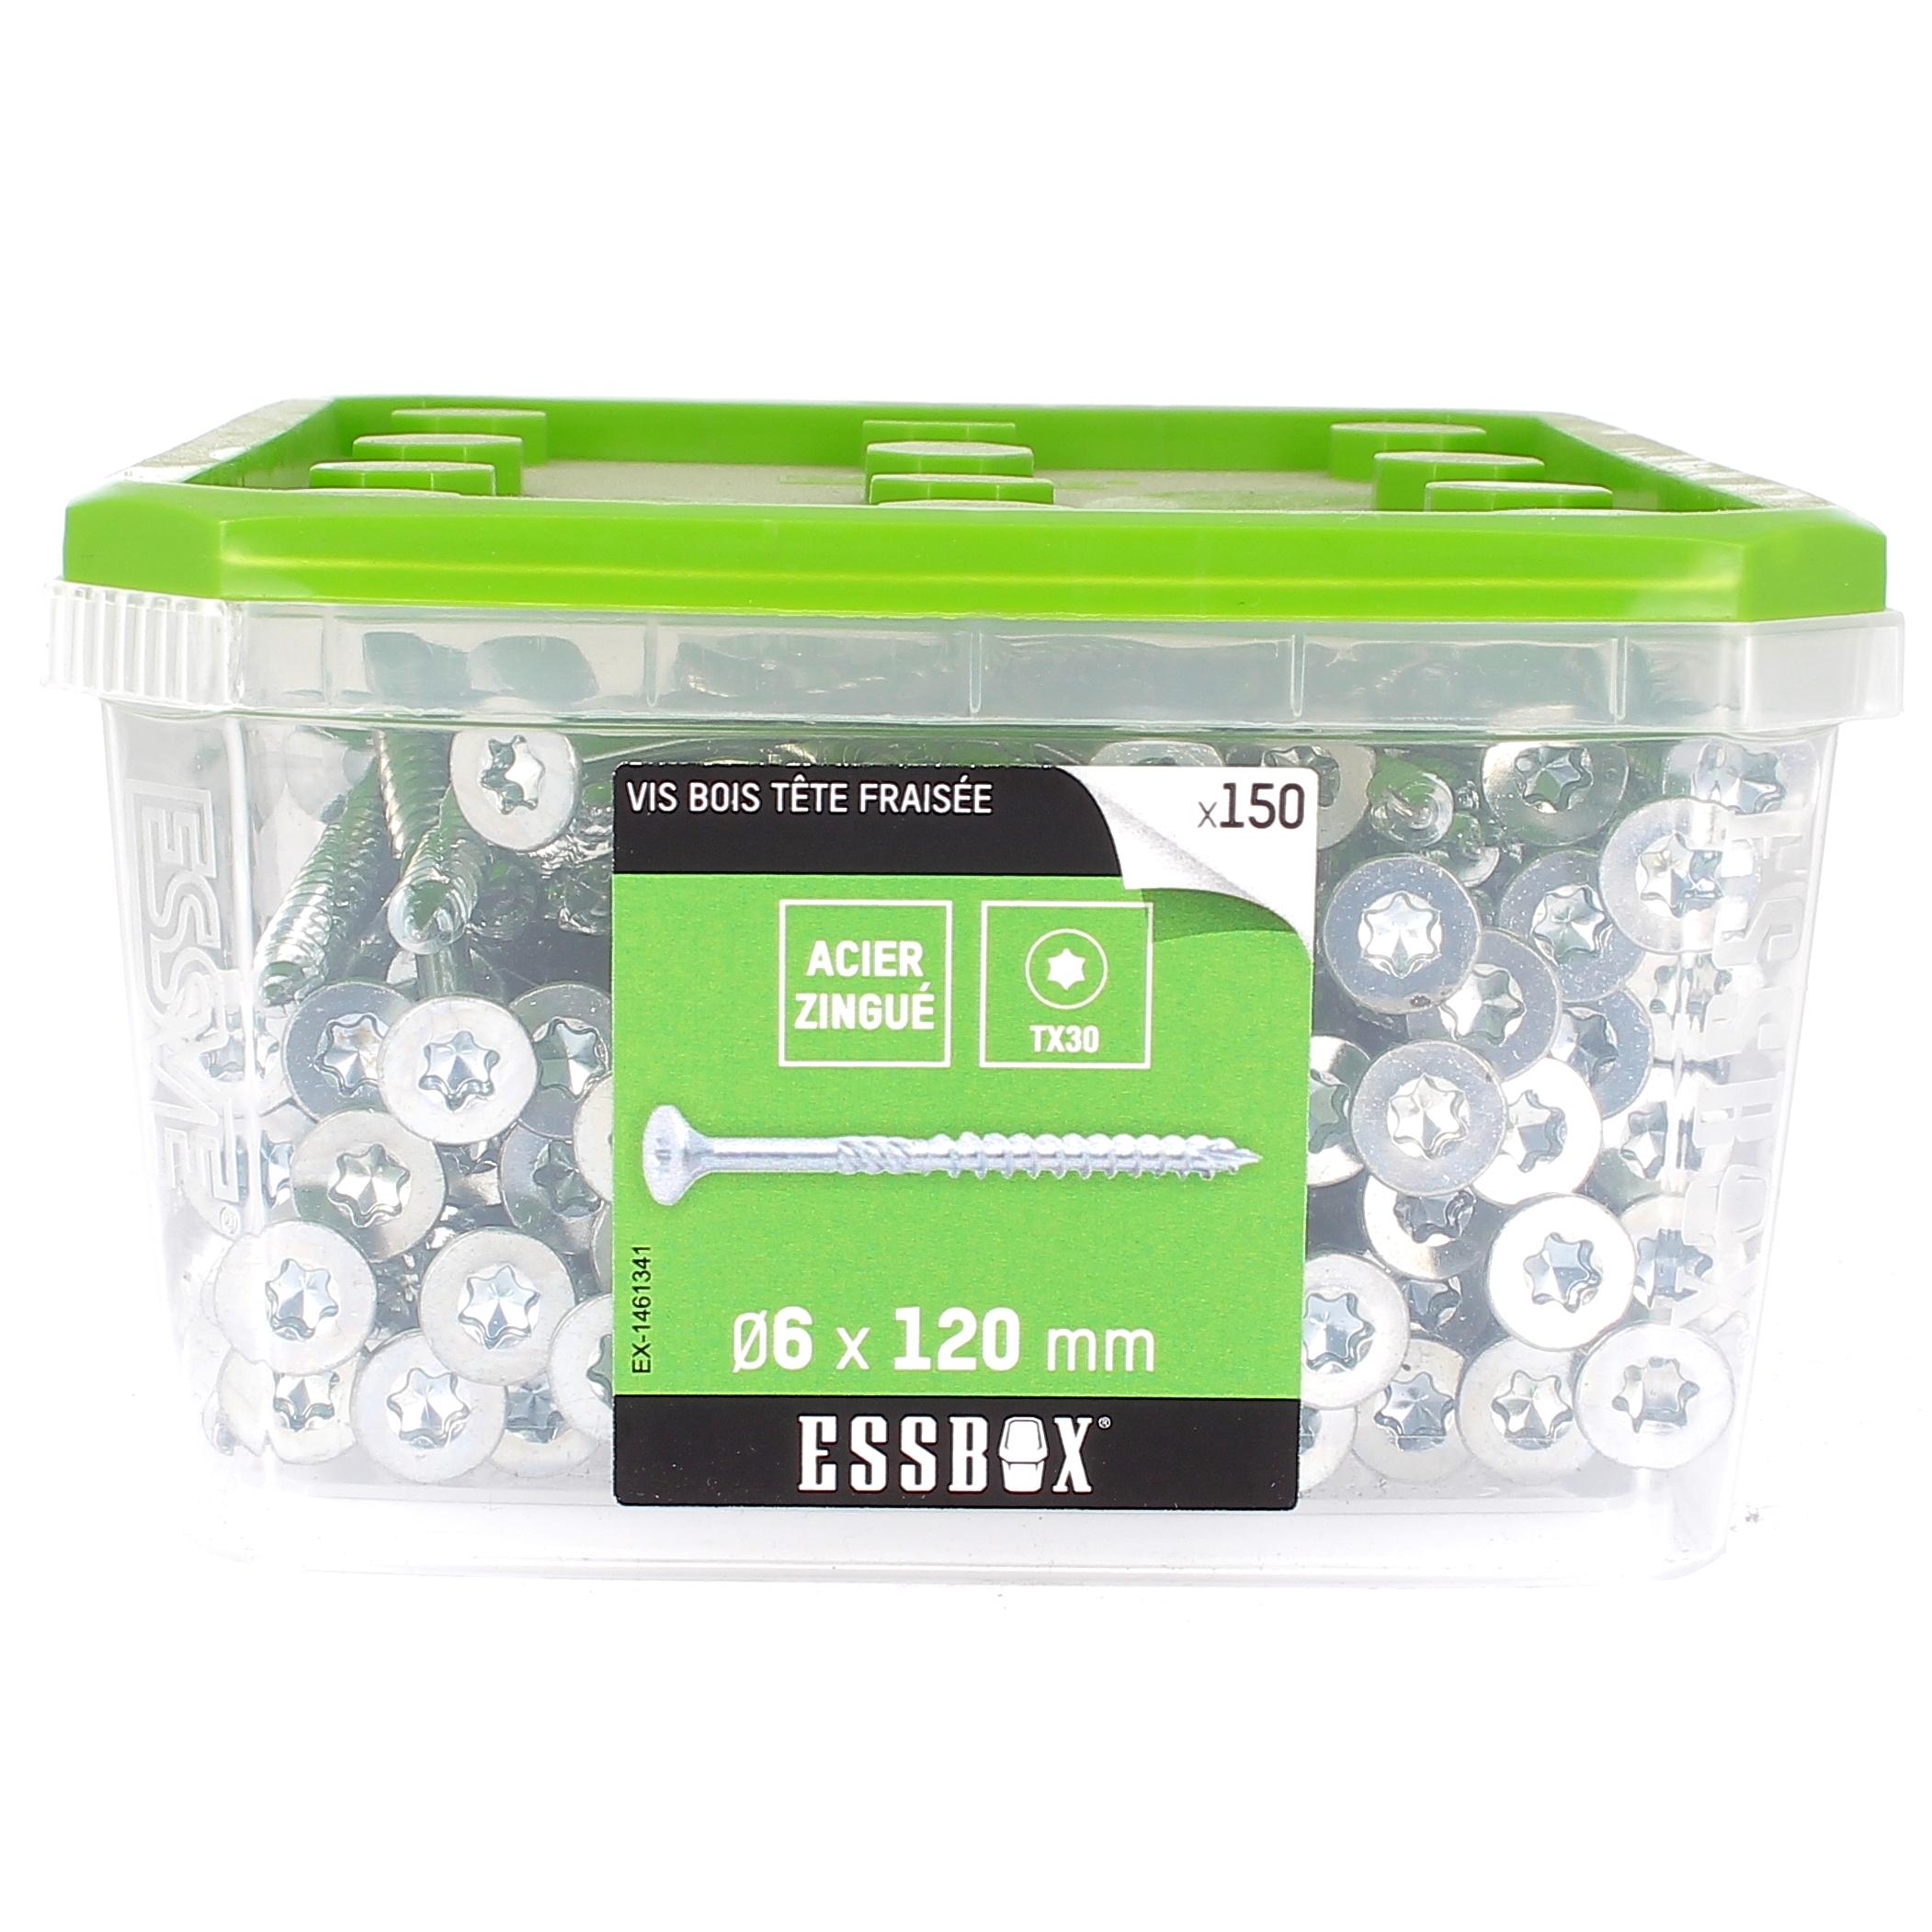 ESSBOX de 150 VBA TFX 6X120 Zingué (filetage partiel)